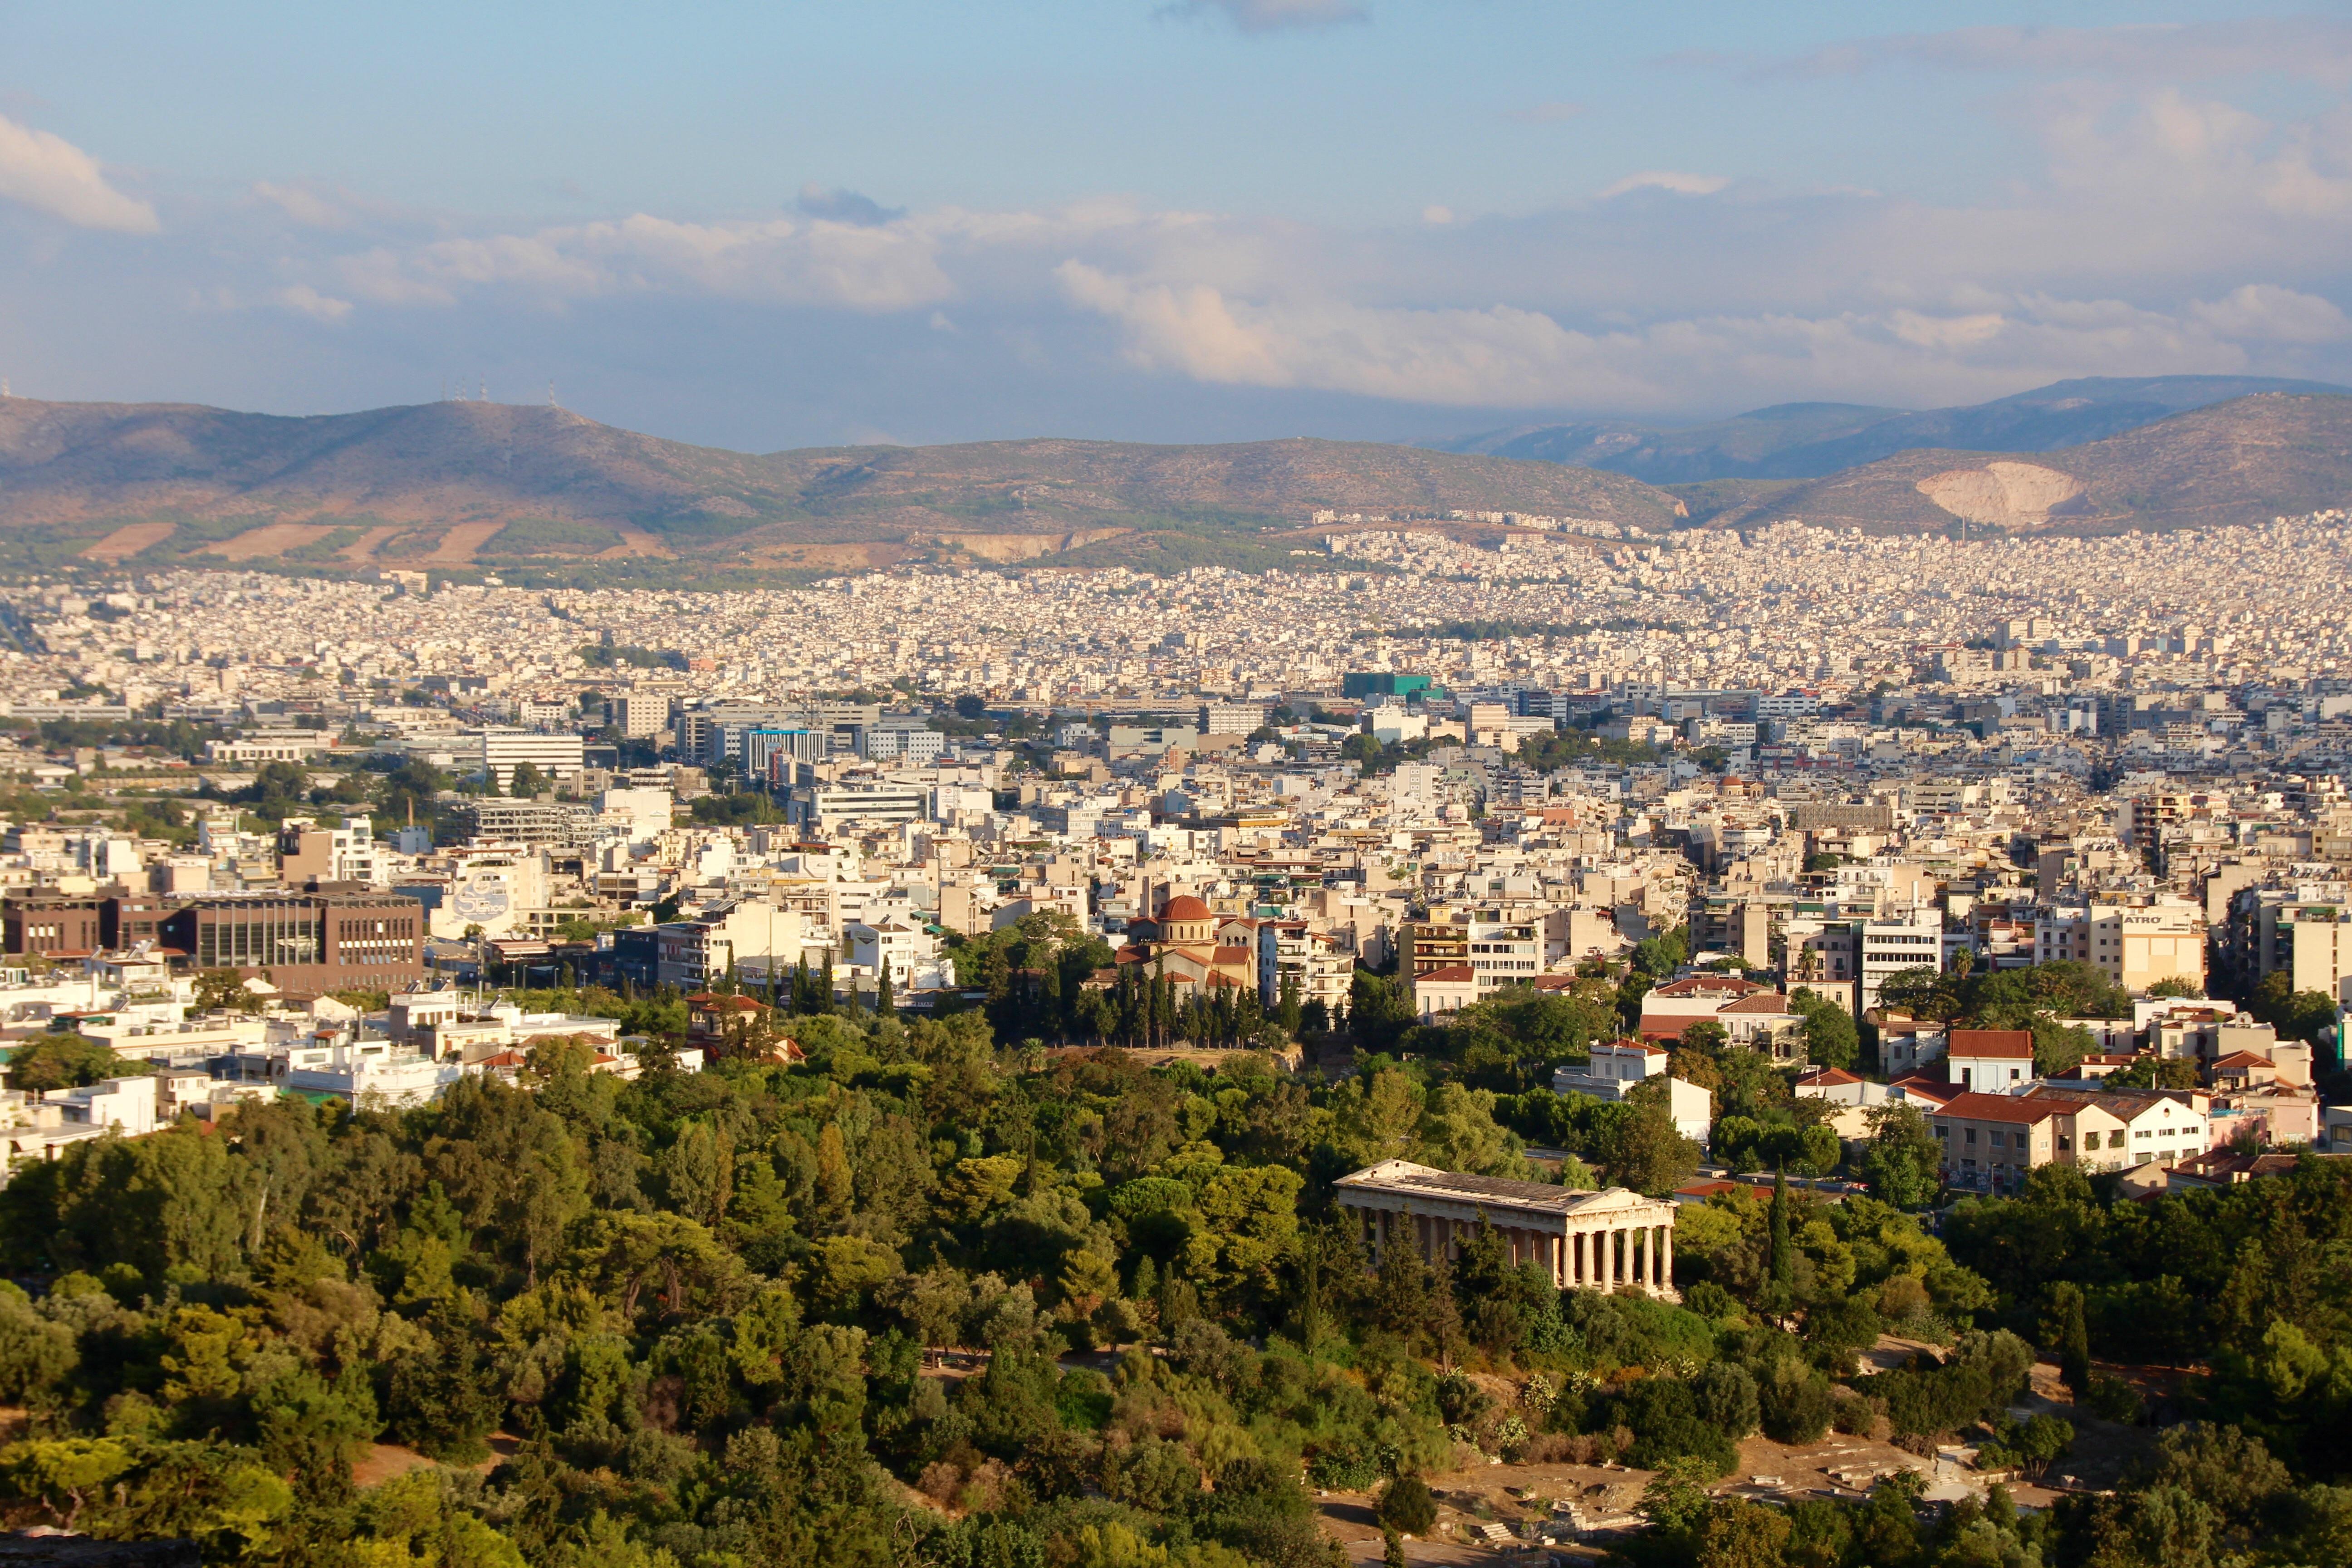 Vue depuis l'Acropole d'Athènes